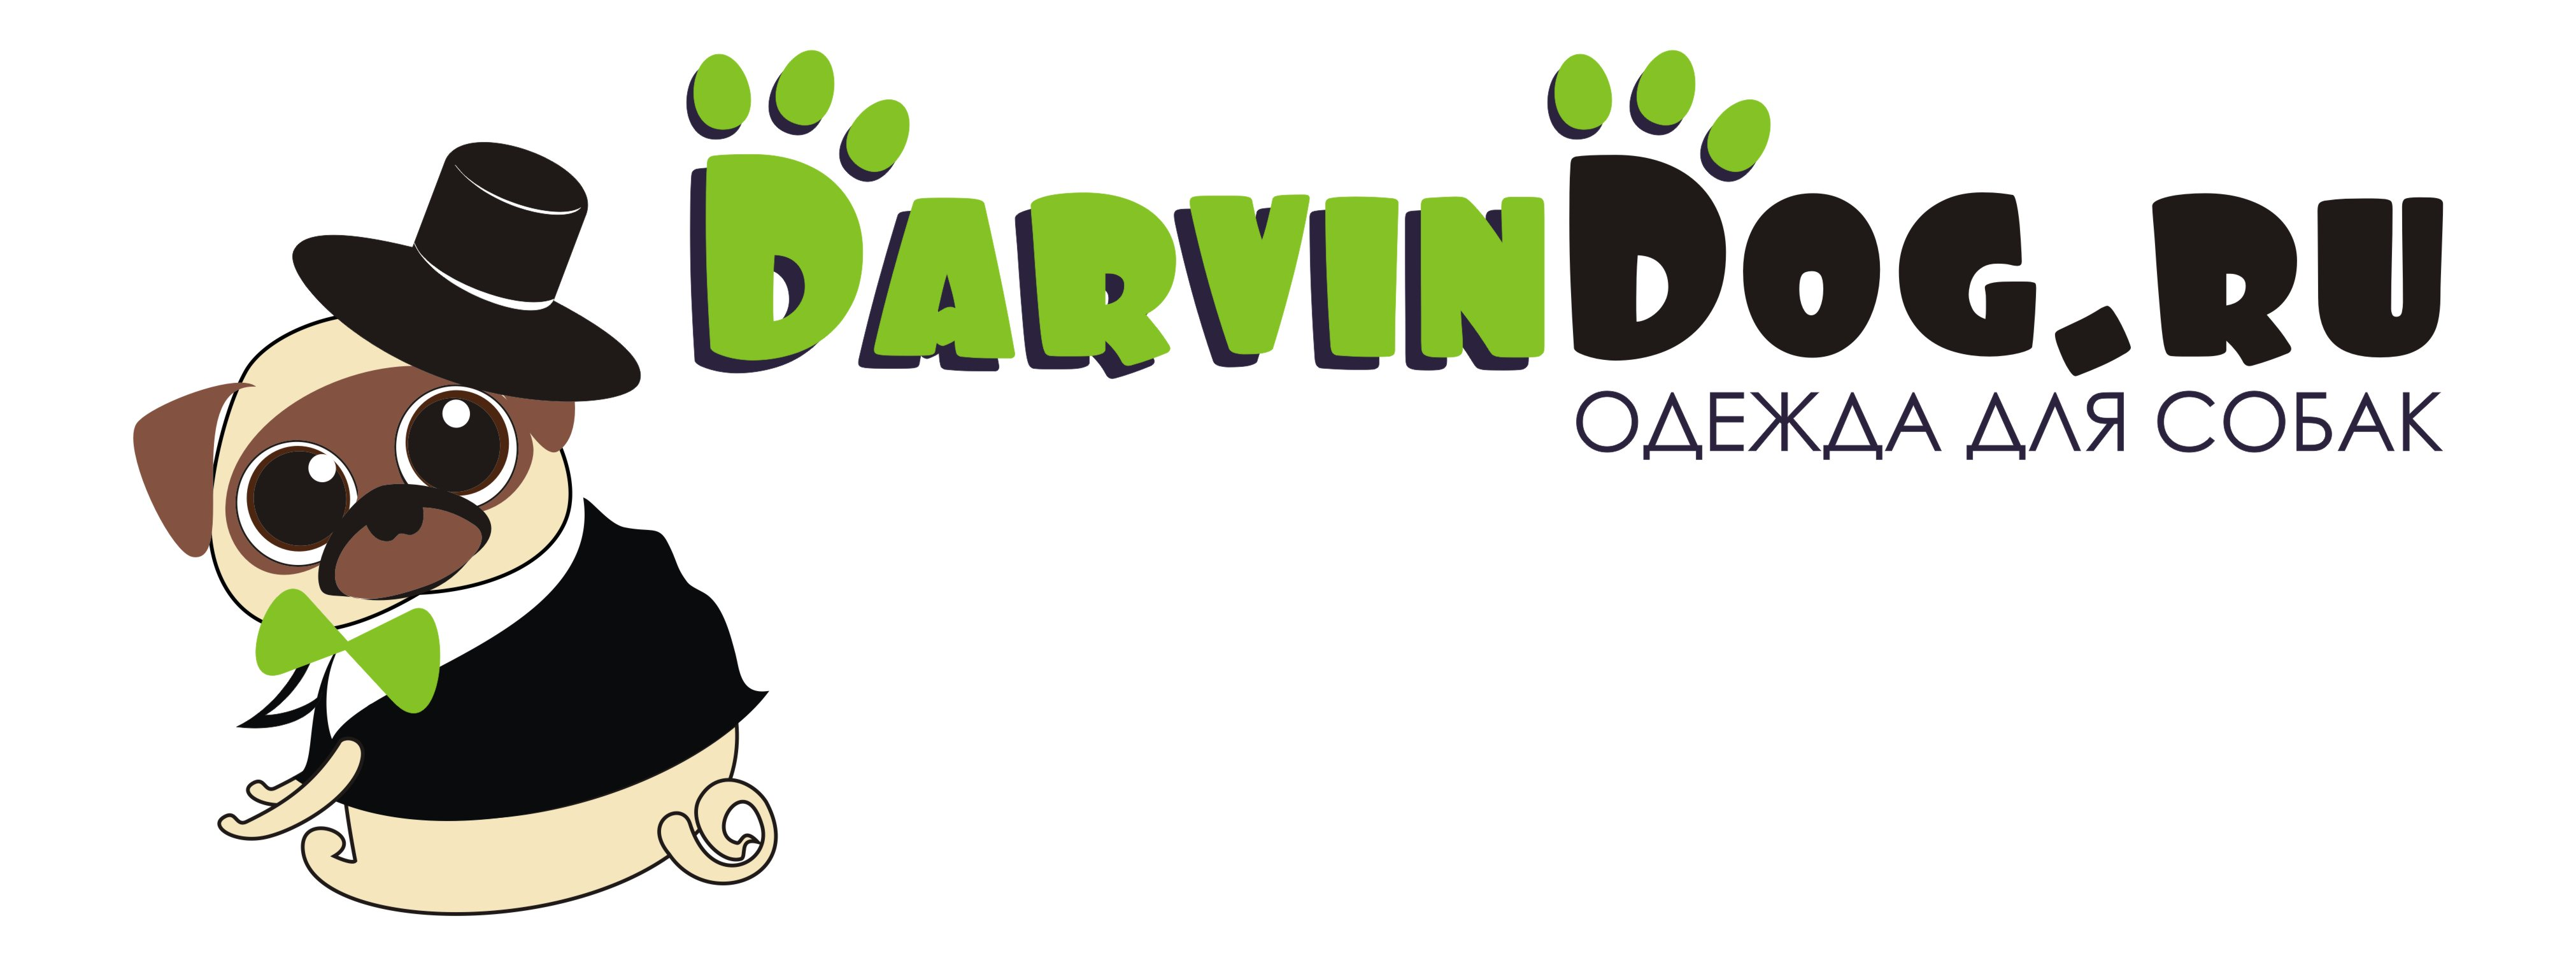 Создать логотип для интернет магазина одежды для собак фото f_983564c876e46e0a.jpg